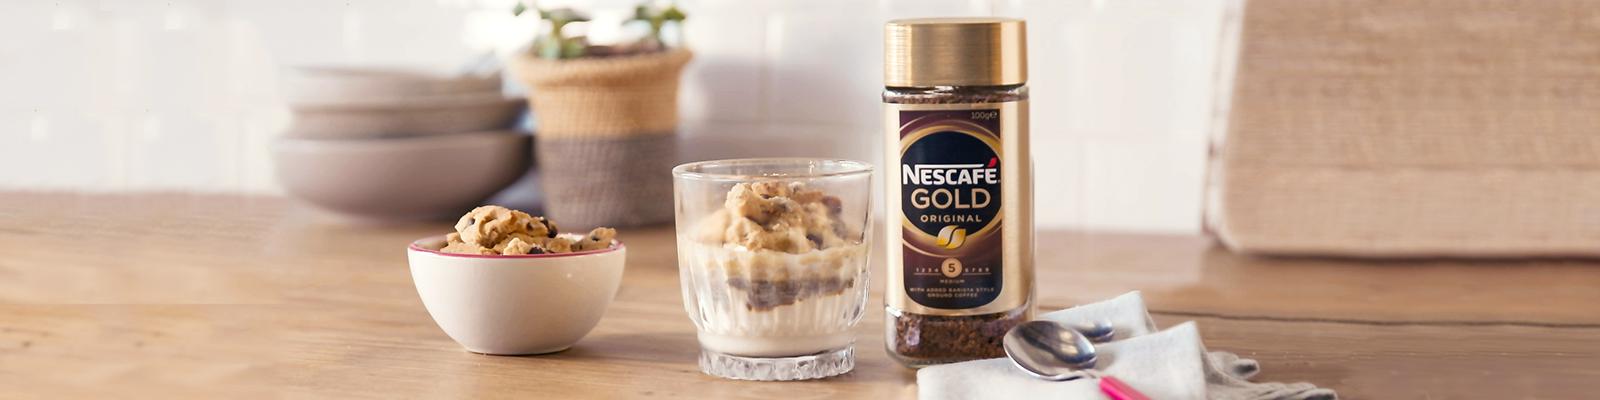 NESCAFE Gold Affogato Iced Coffee Recipe